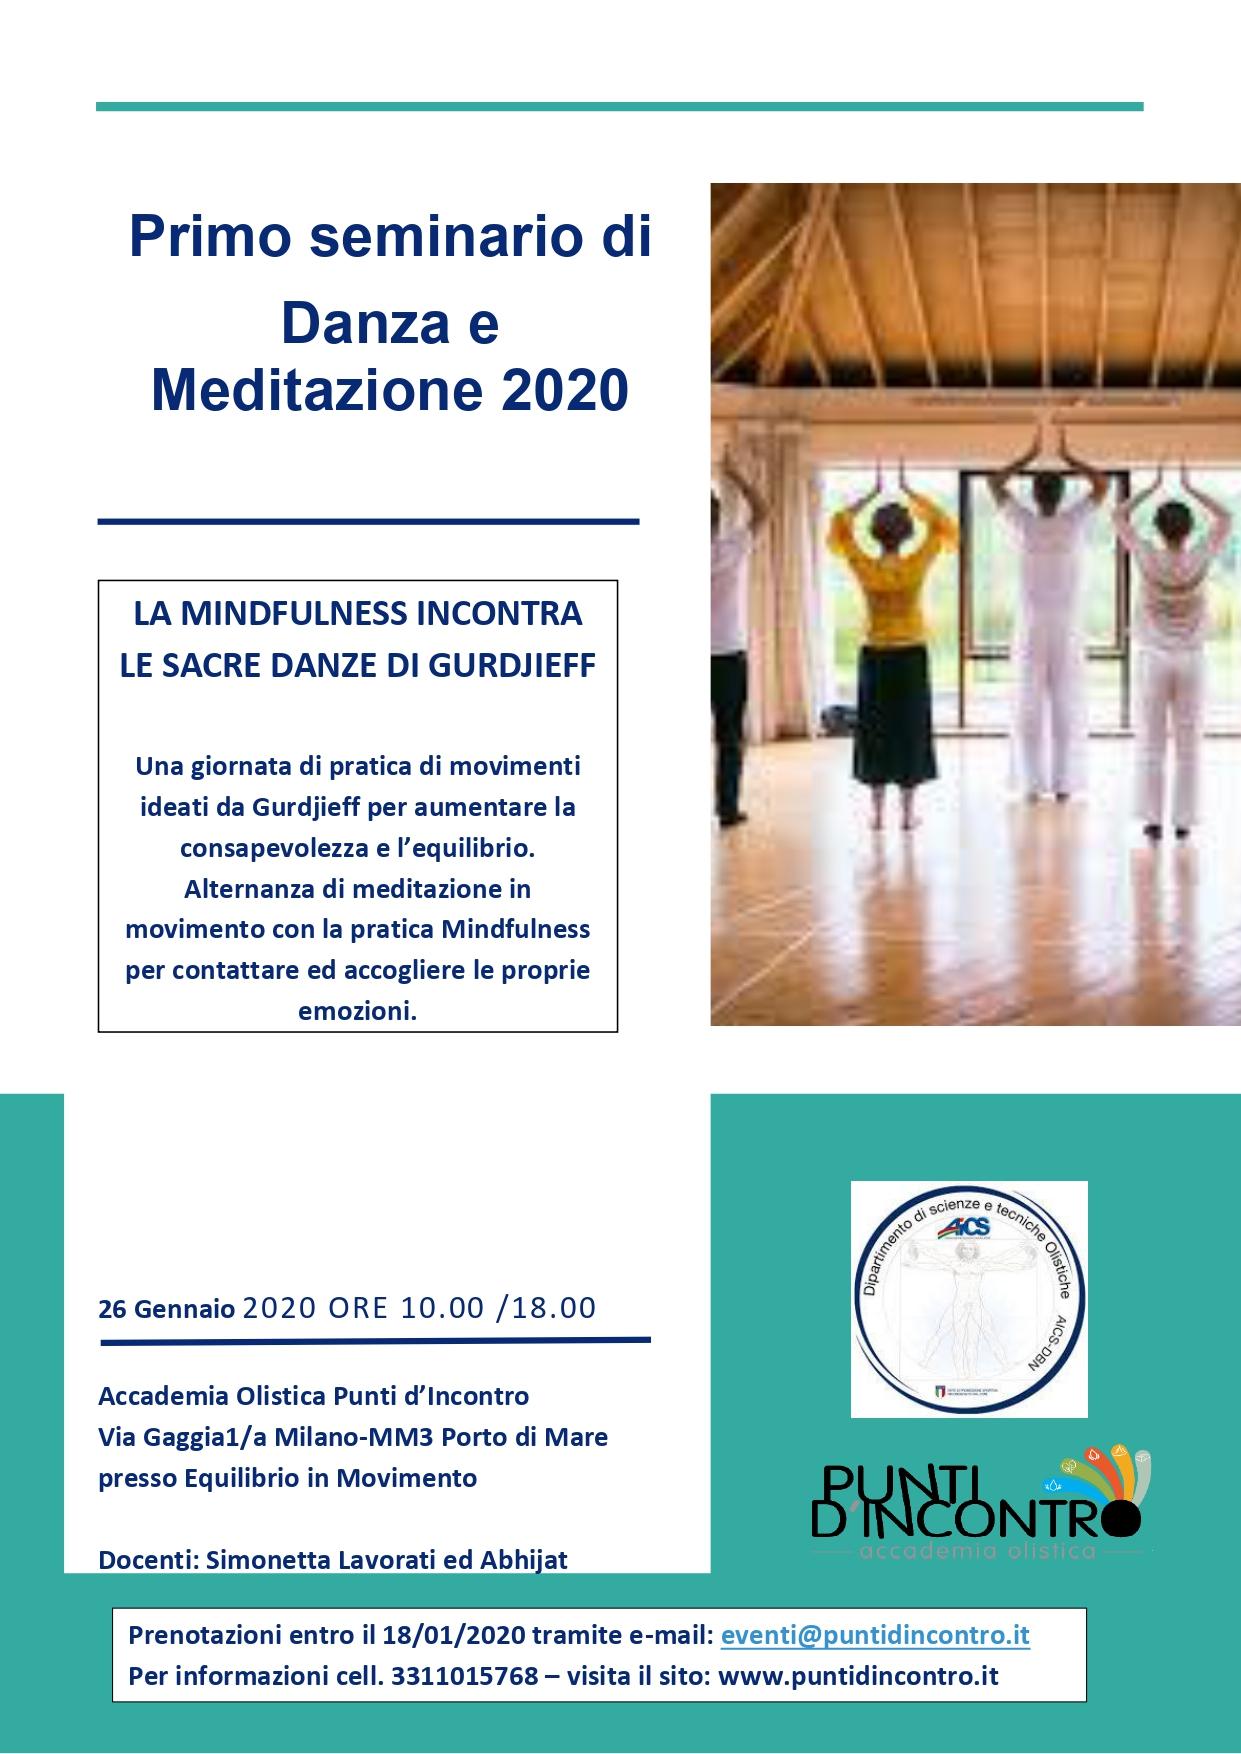 Primo seminario 2020 di Danza e Meditazione